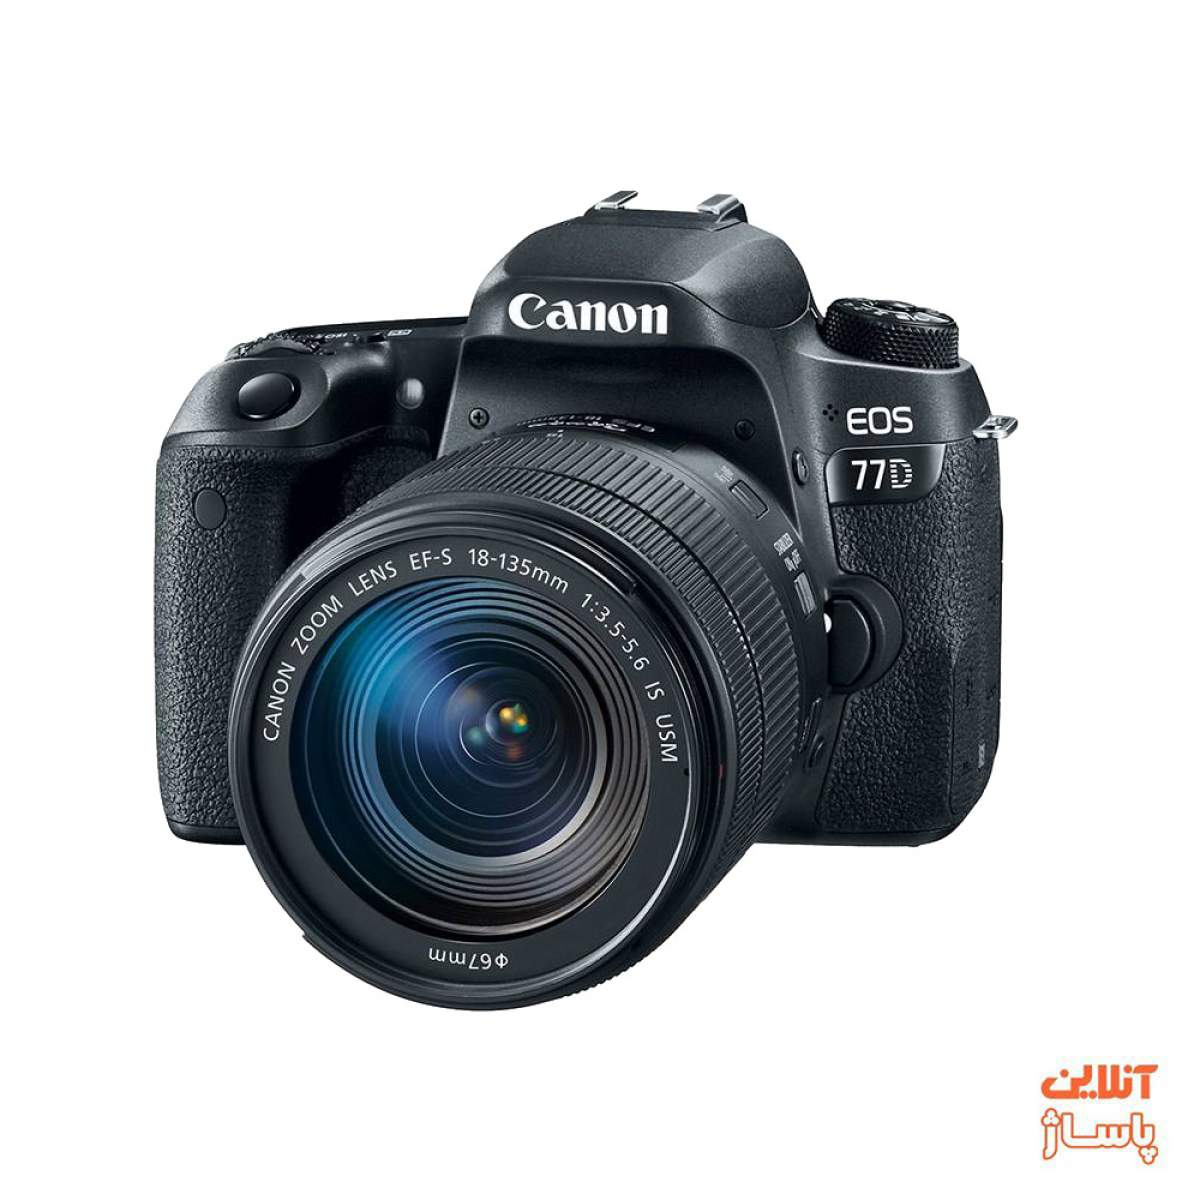 دوربین دیجیتال کانن مدل EOS 77D به همراه لنز 135-18میلی متر is usm